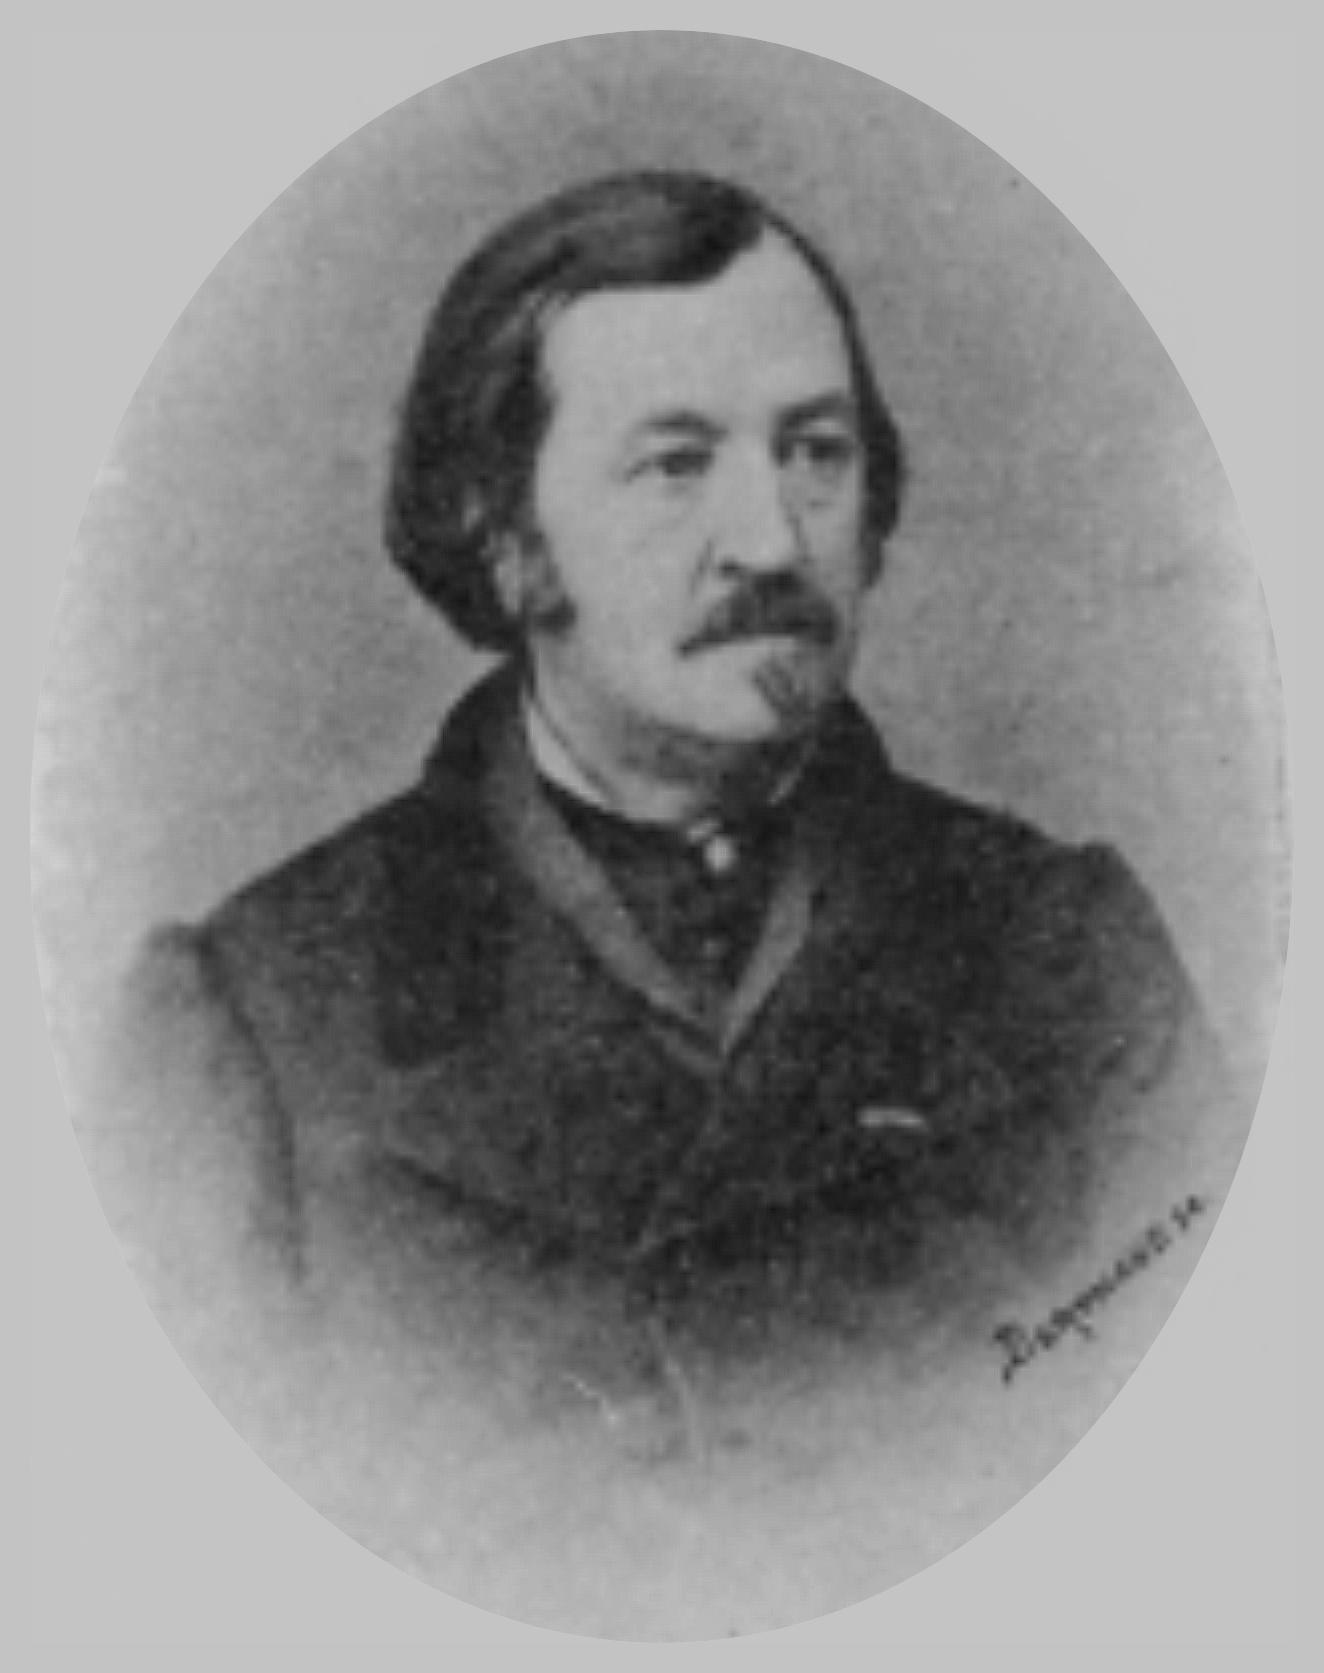 Émile Burnouf (Source: Ecole Française d'Athènes/Photothèque.)